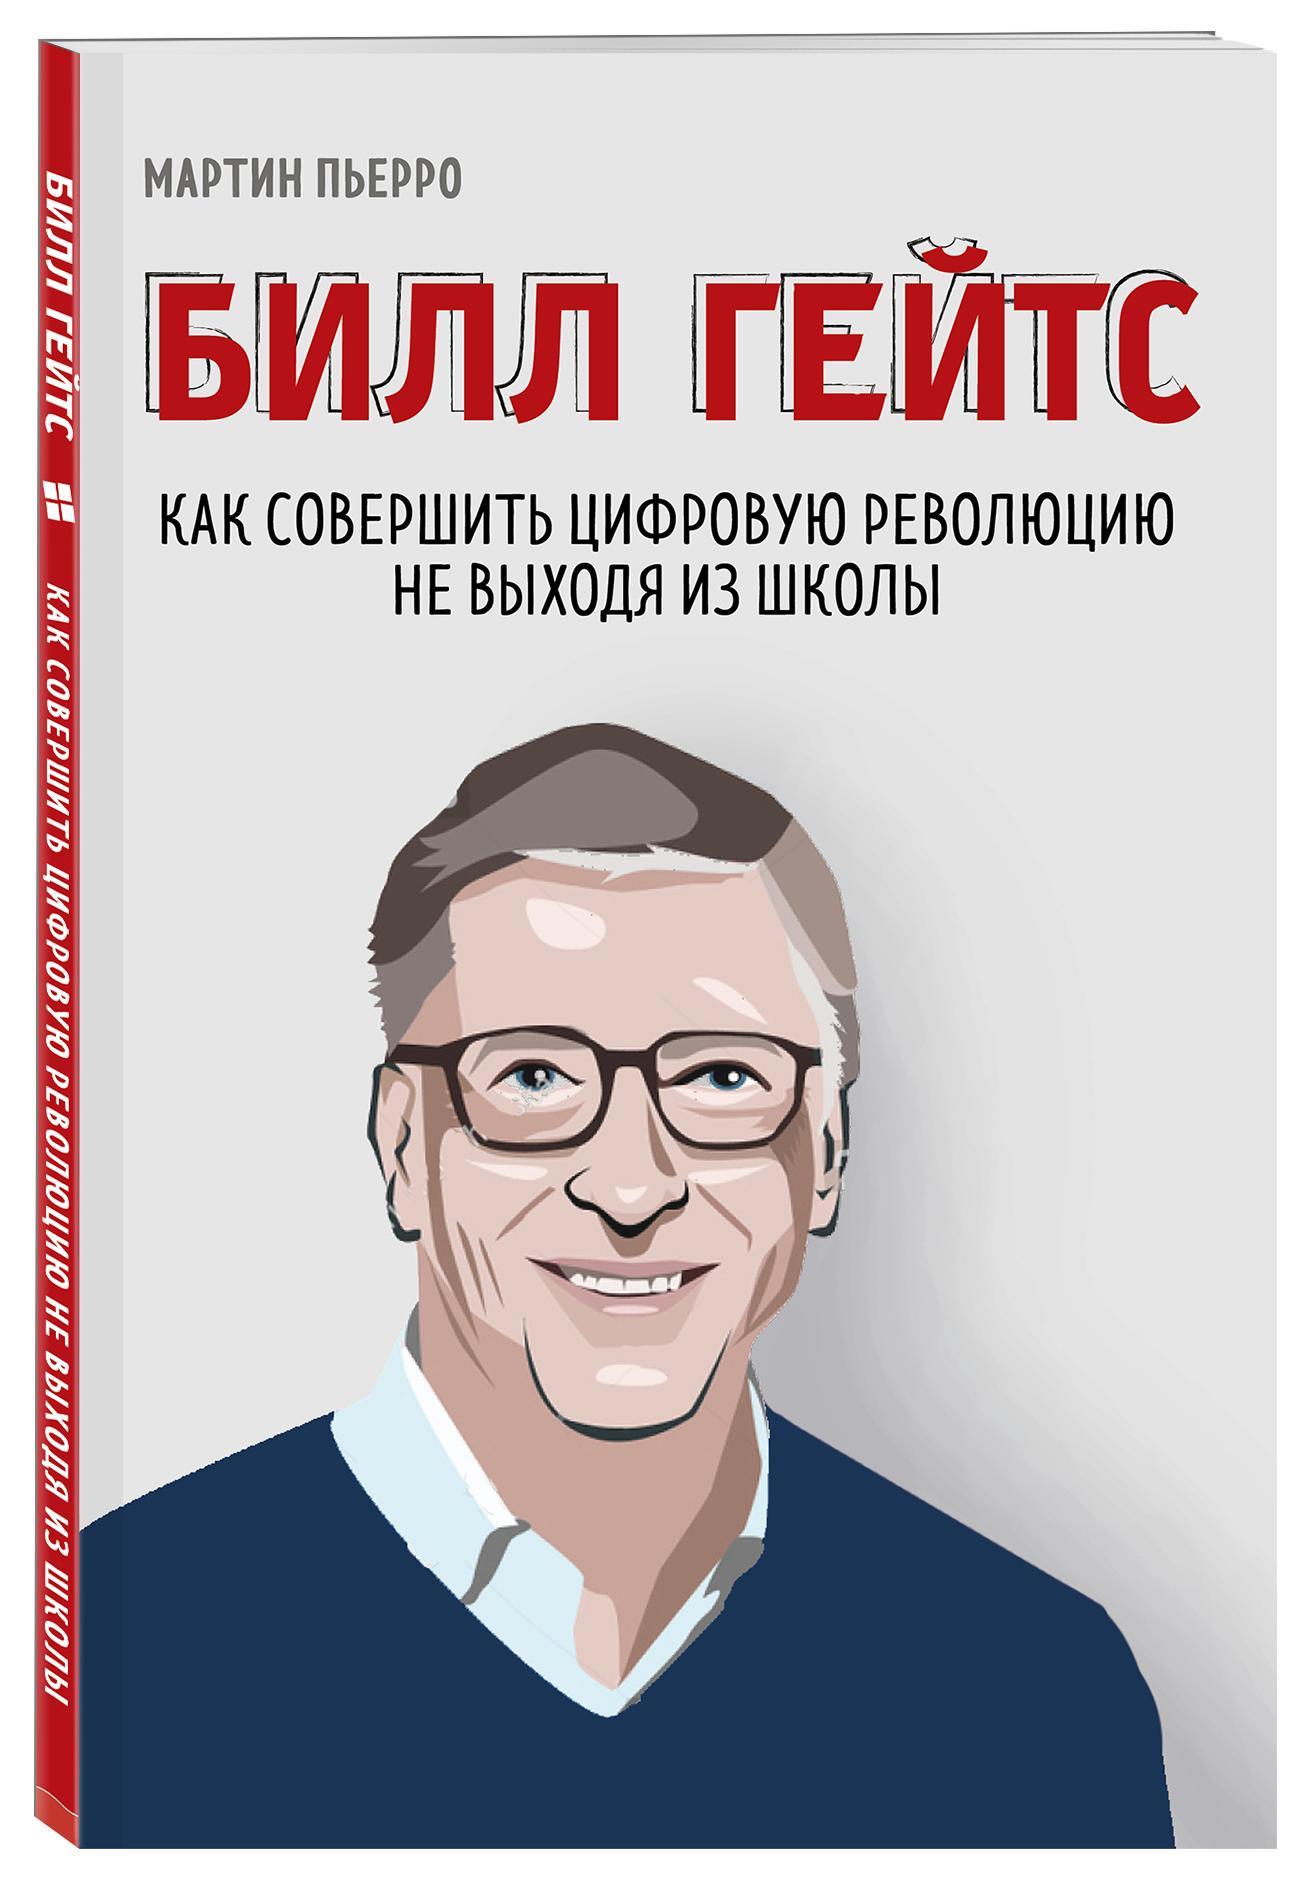 Пьерро Мартин, Бассетт Зак Билл Гейтс. Как совершить цифровую революцию не выходя из школы